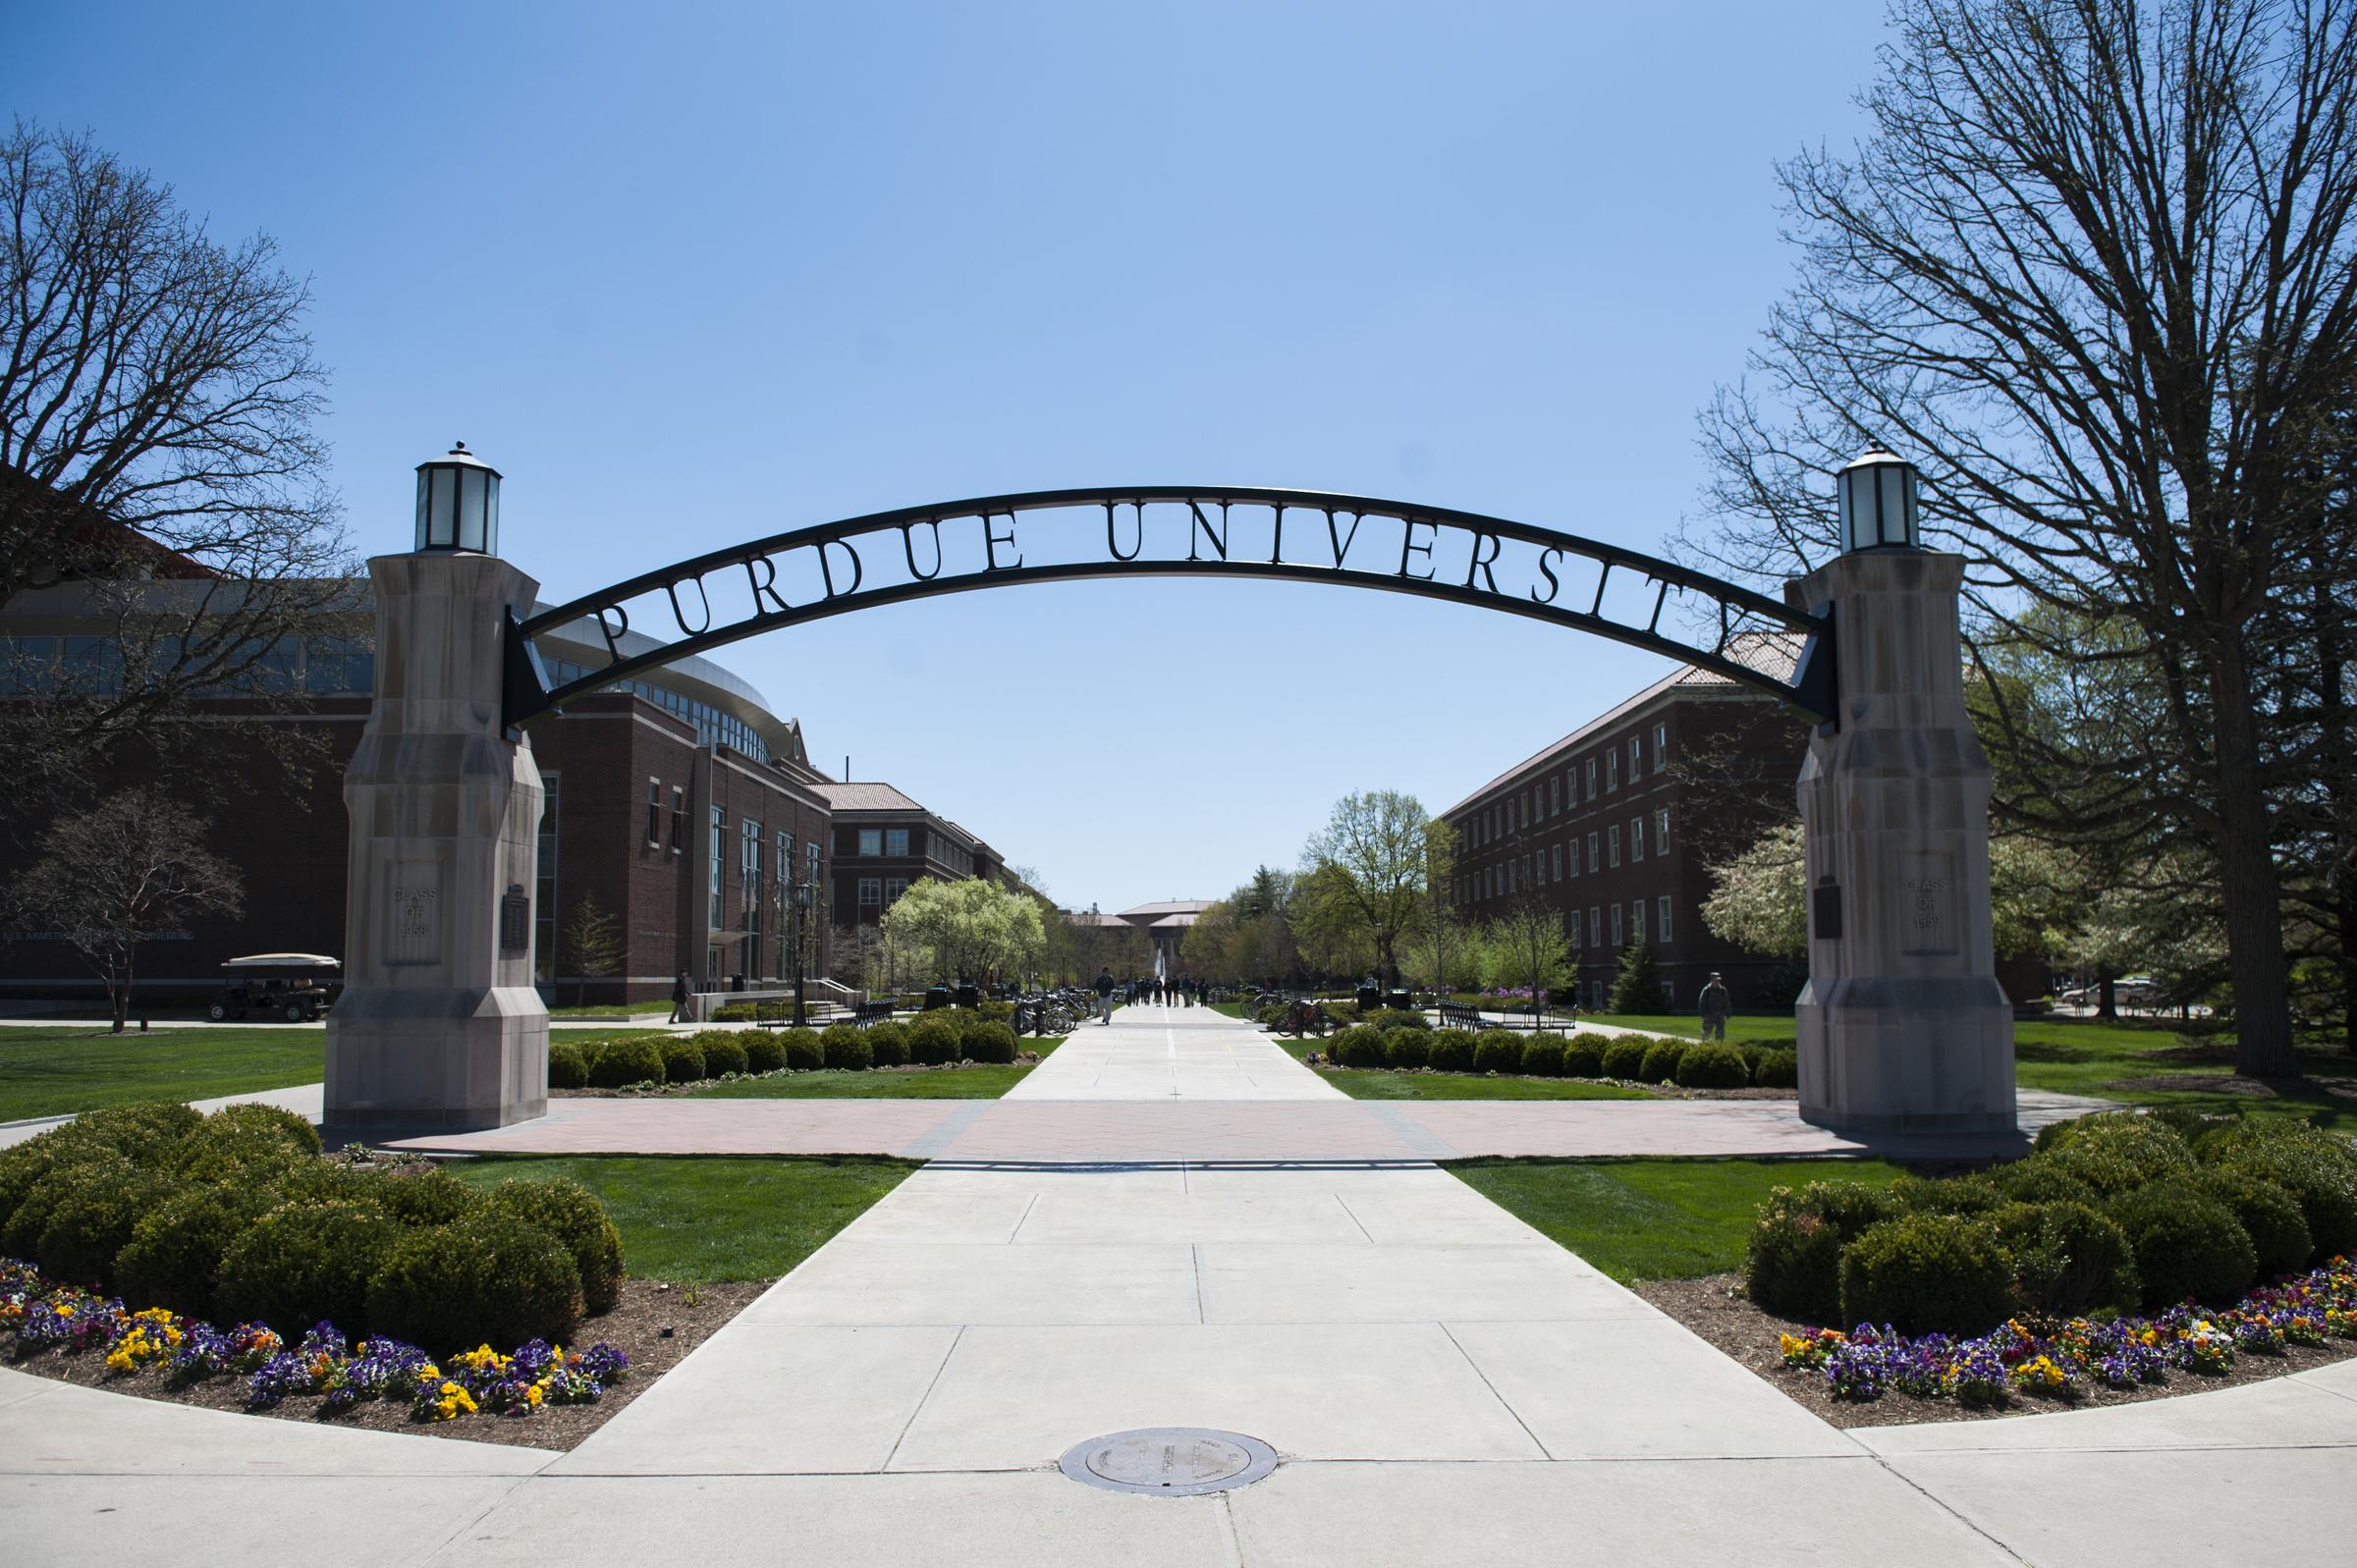 Αποτέλεσμα εικόνας για Purdue University